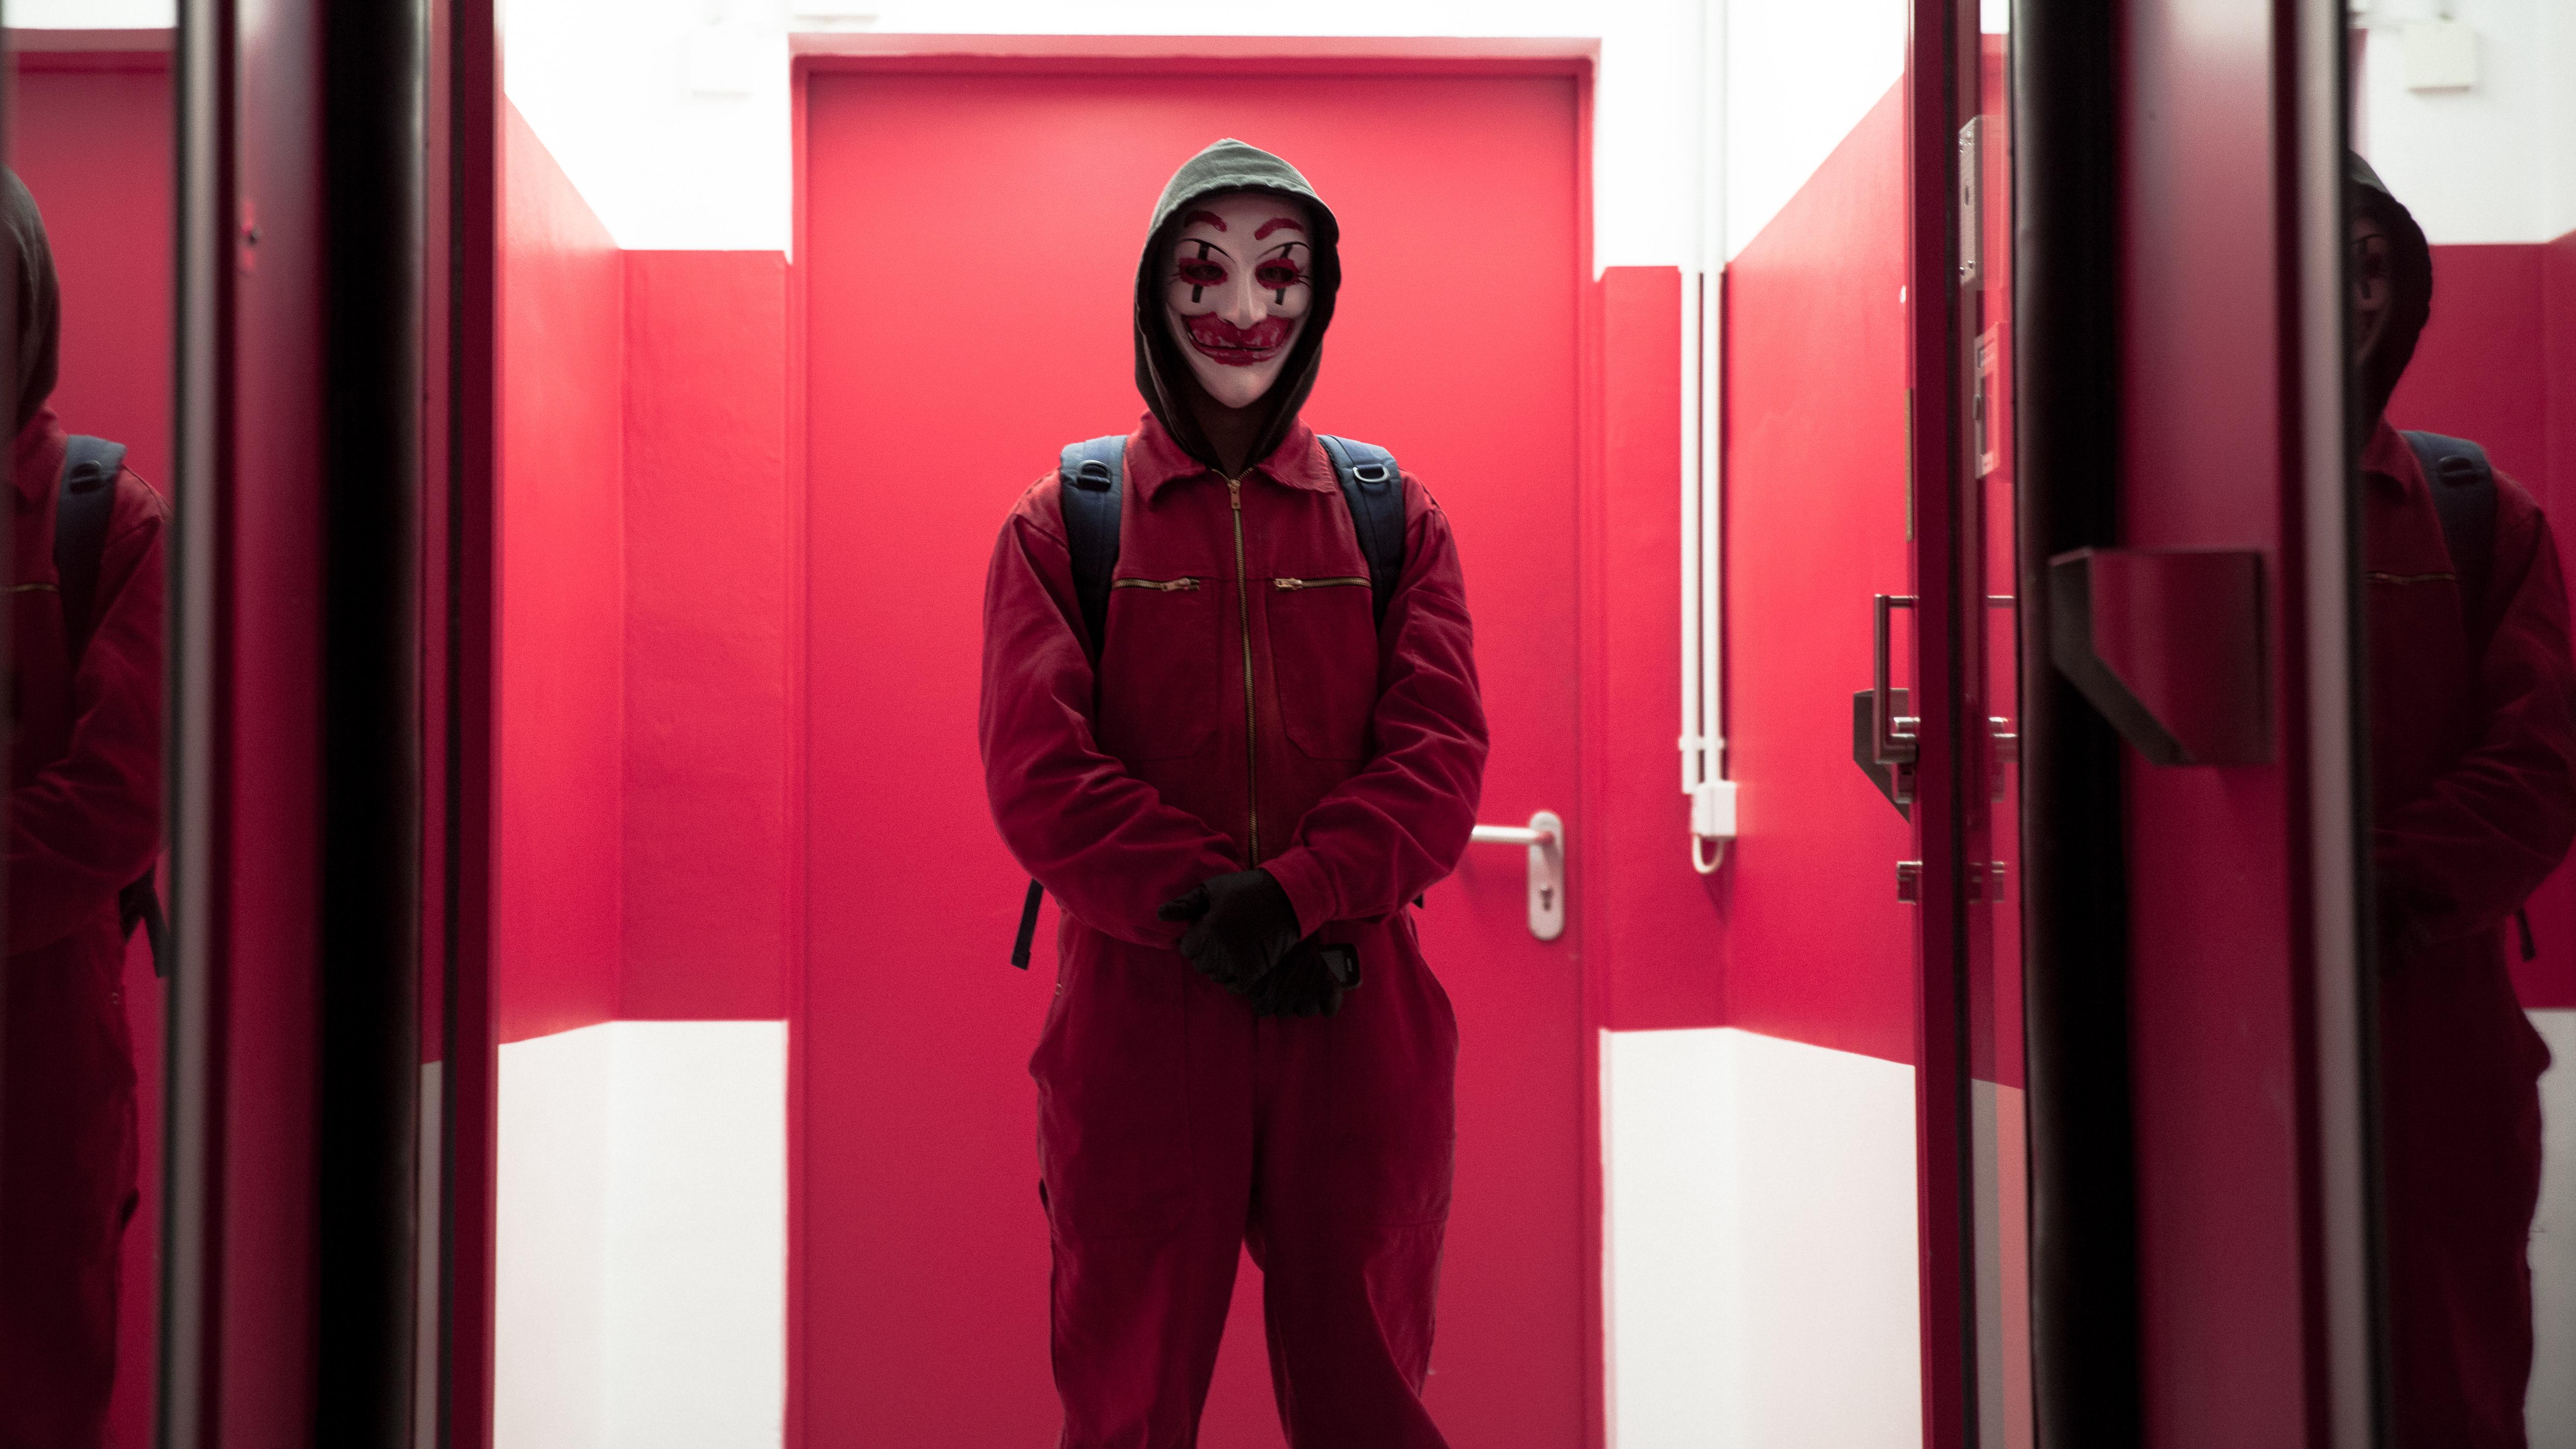 """15° Festival de Cine Alemán: """"Who Am I / No System Is Safe"""" de Baran bo Odar (2014)"""